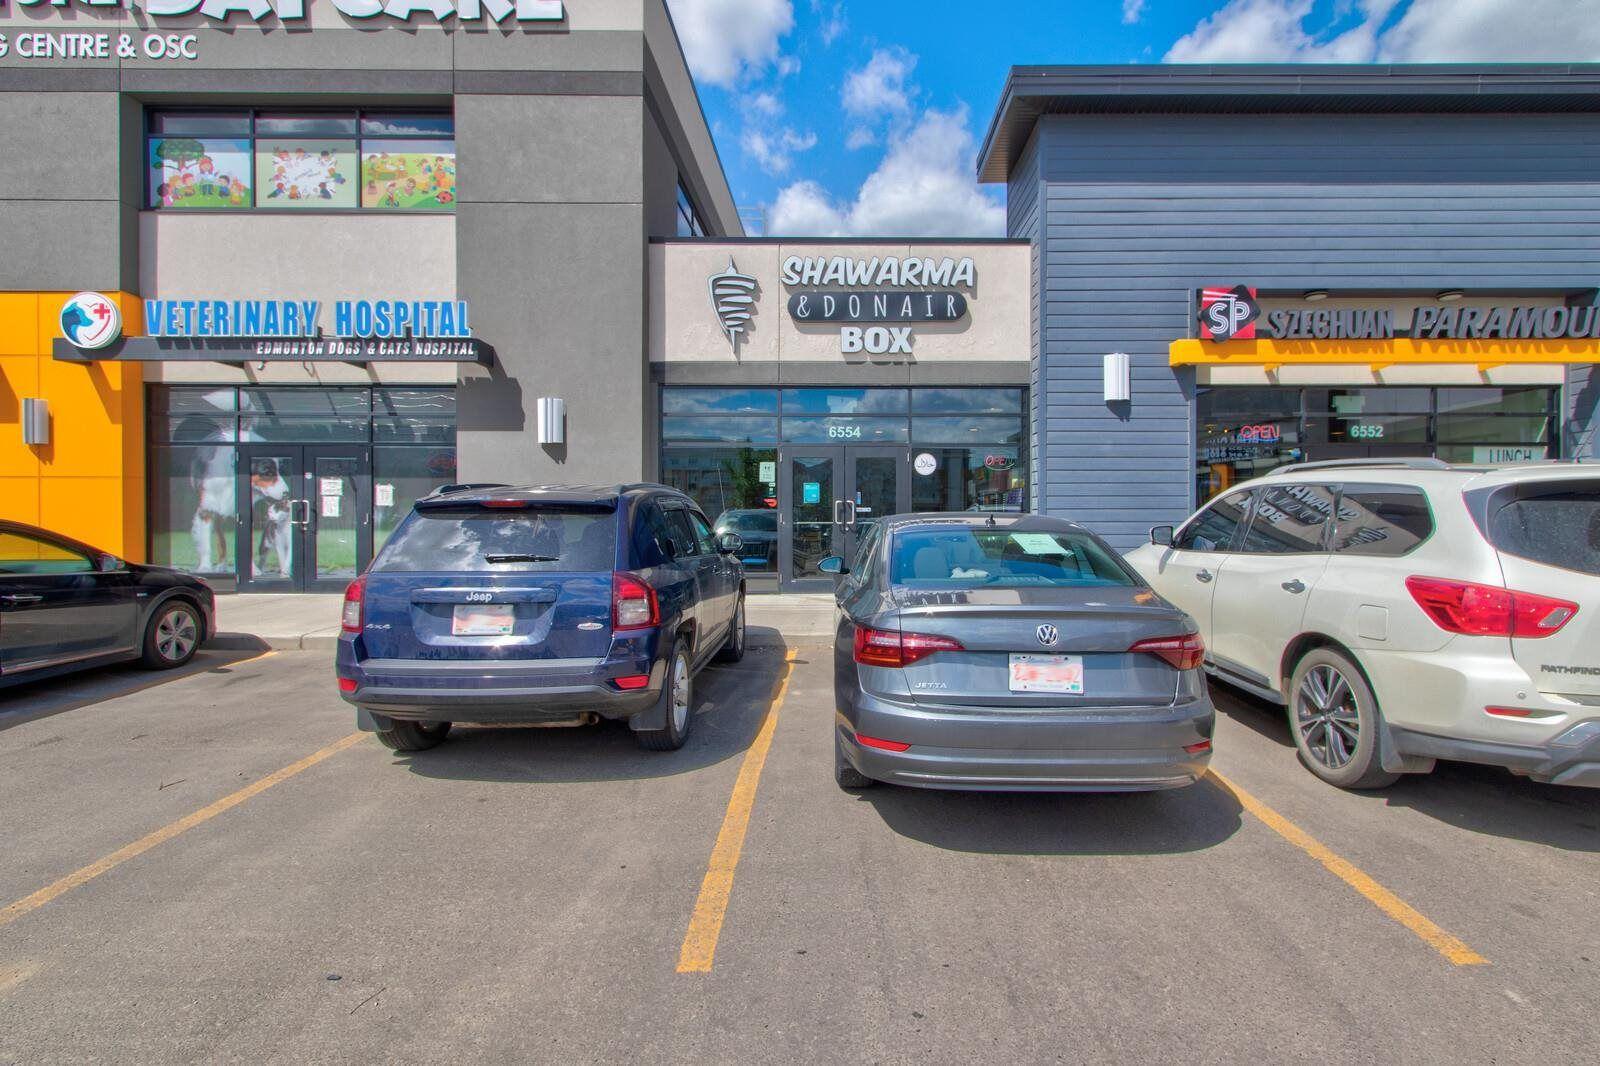 Main Photo: 6554 170 Avenue in Edmonton: Zone 03 Retail for sale : MLS®# E4252693